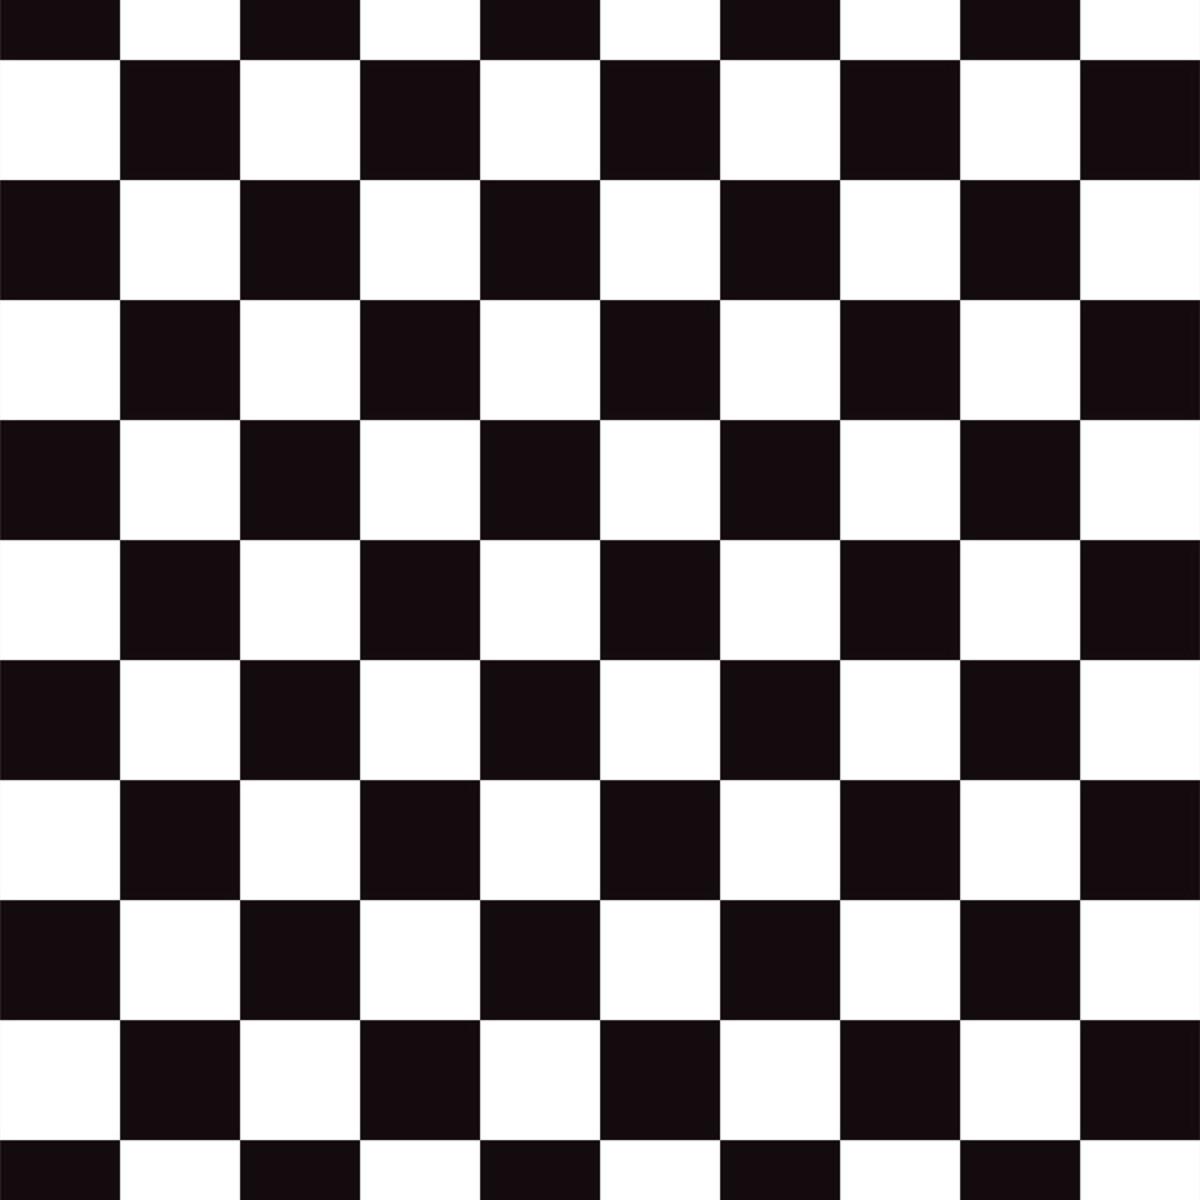 Papel De Parede Adesivo Xadrez Preto E Branco Vinil 3mt no Elo7 DecoraPlus (C520AE) # Decoração Xadrez Preto E Branco